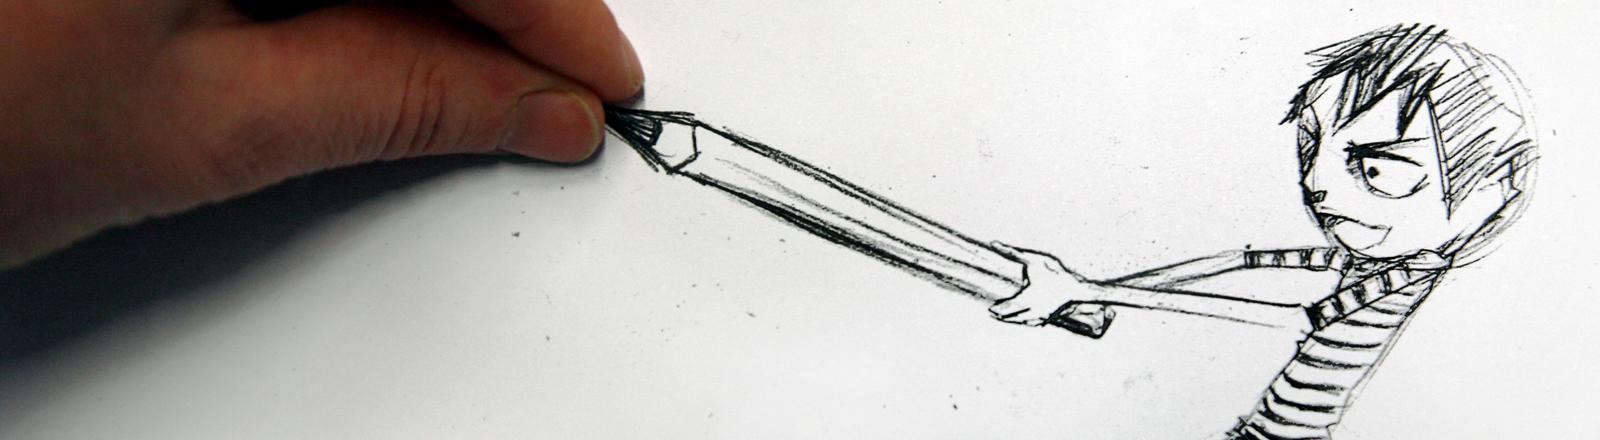 Eine gezeichnete Comicfigur versucht einen gezeichneten Bleistift aus einer realen Hand zu entreißen.